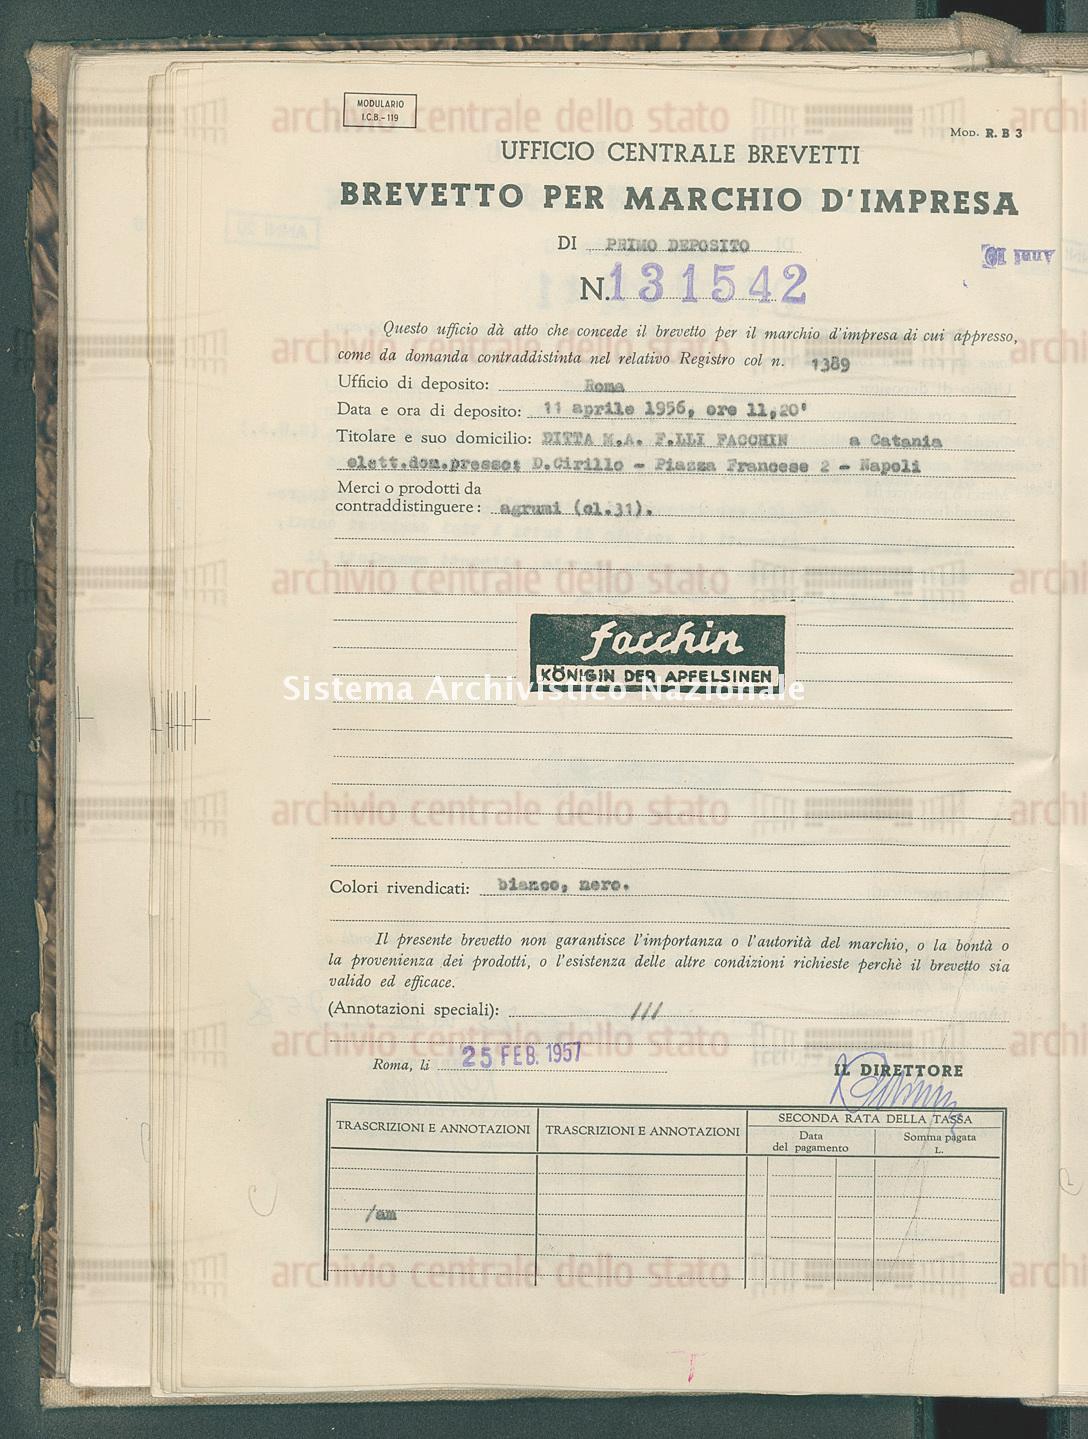 Agrumi Ditta M.A. F.Lli Facchin (25/02/1957)